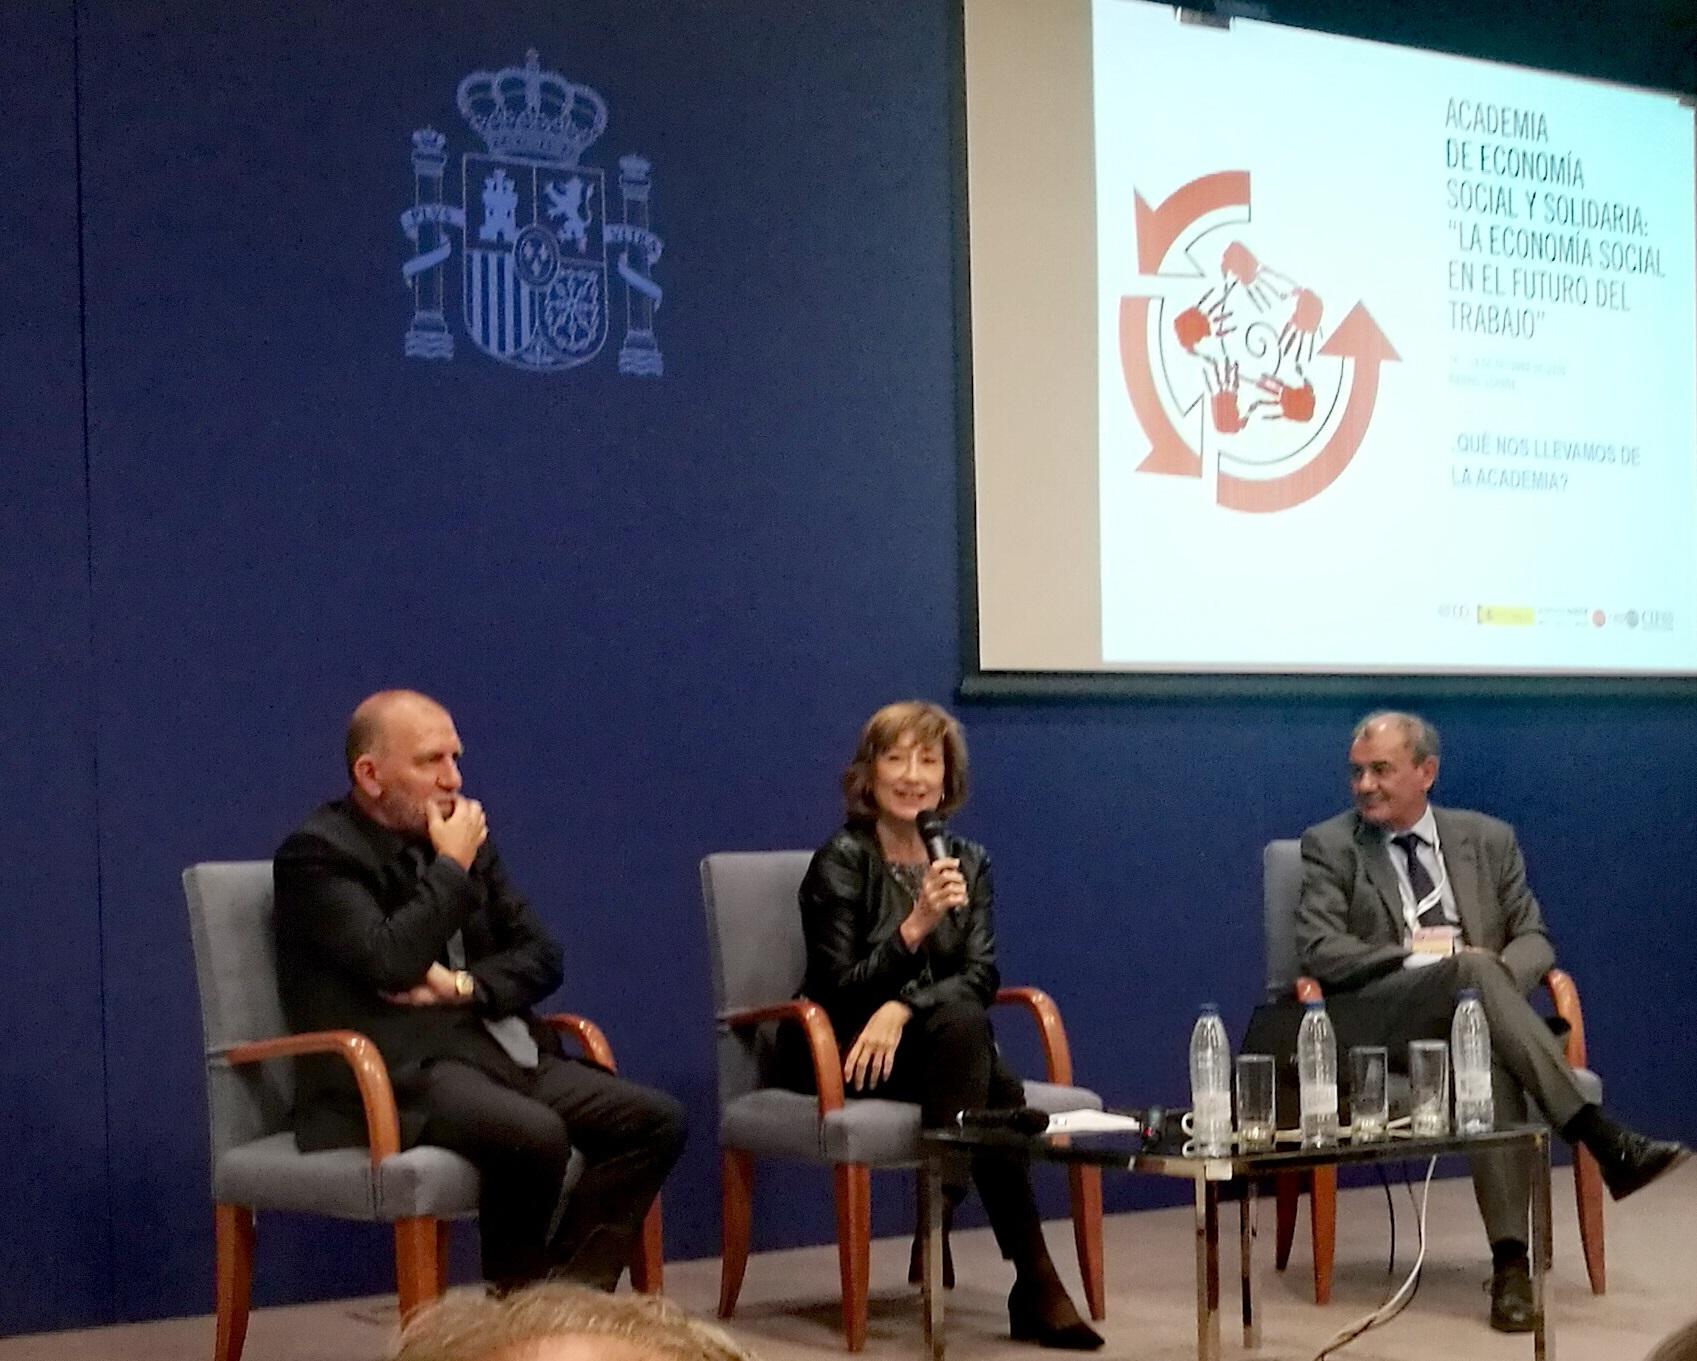 La OIT, el Ministerio de Trabajo de España y CEPES refuerzan el papel central de la Economía Social en el futuro del trabajo